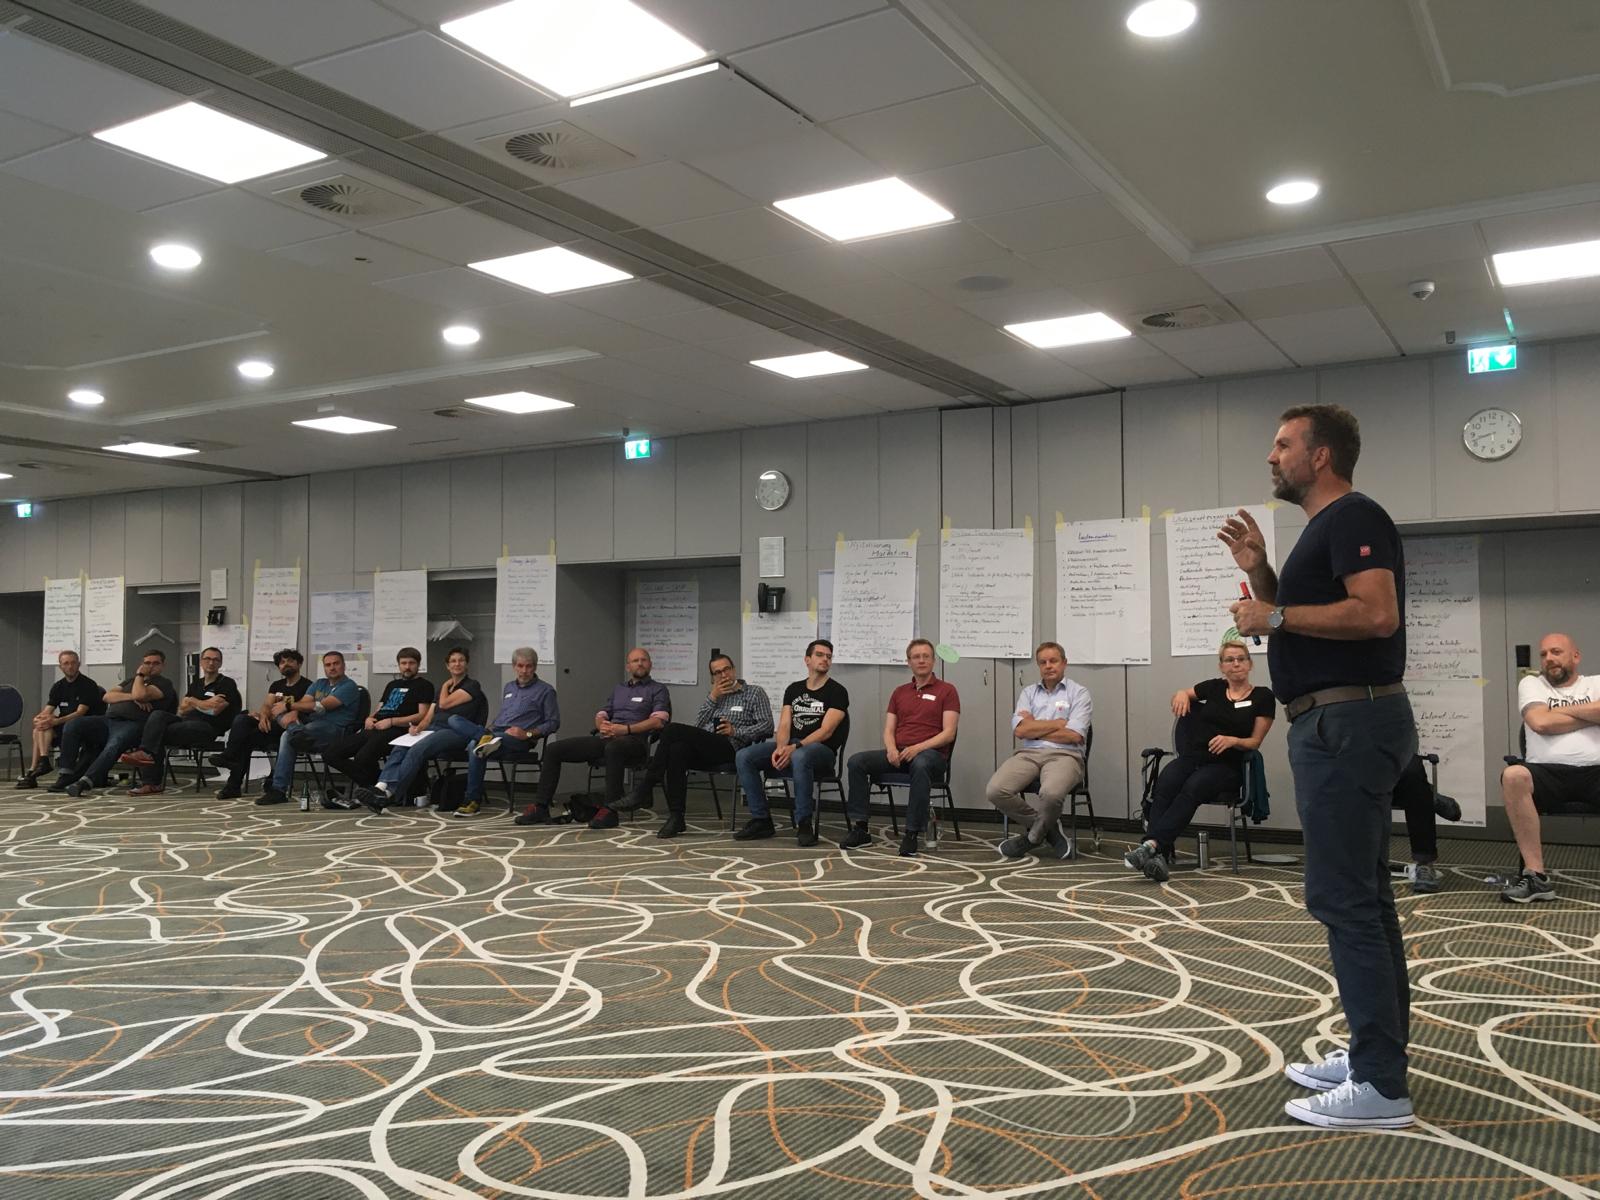 VSF´s erster ERFA-Kongress mit themenübergreifenden Austausch